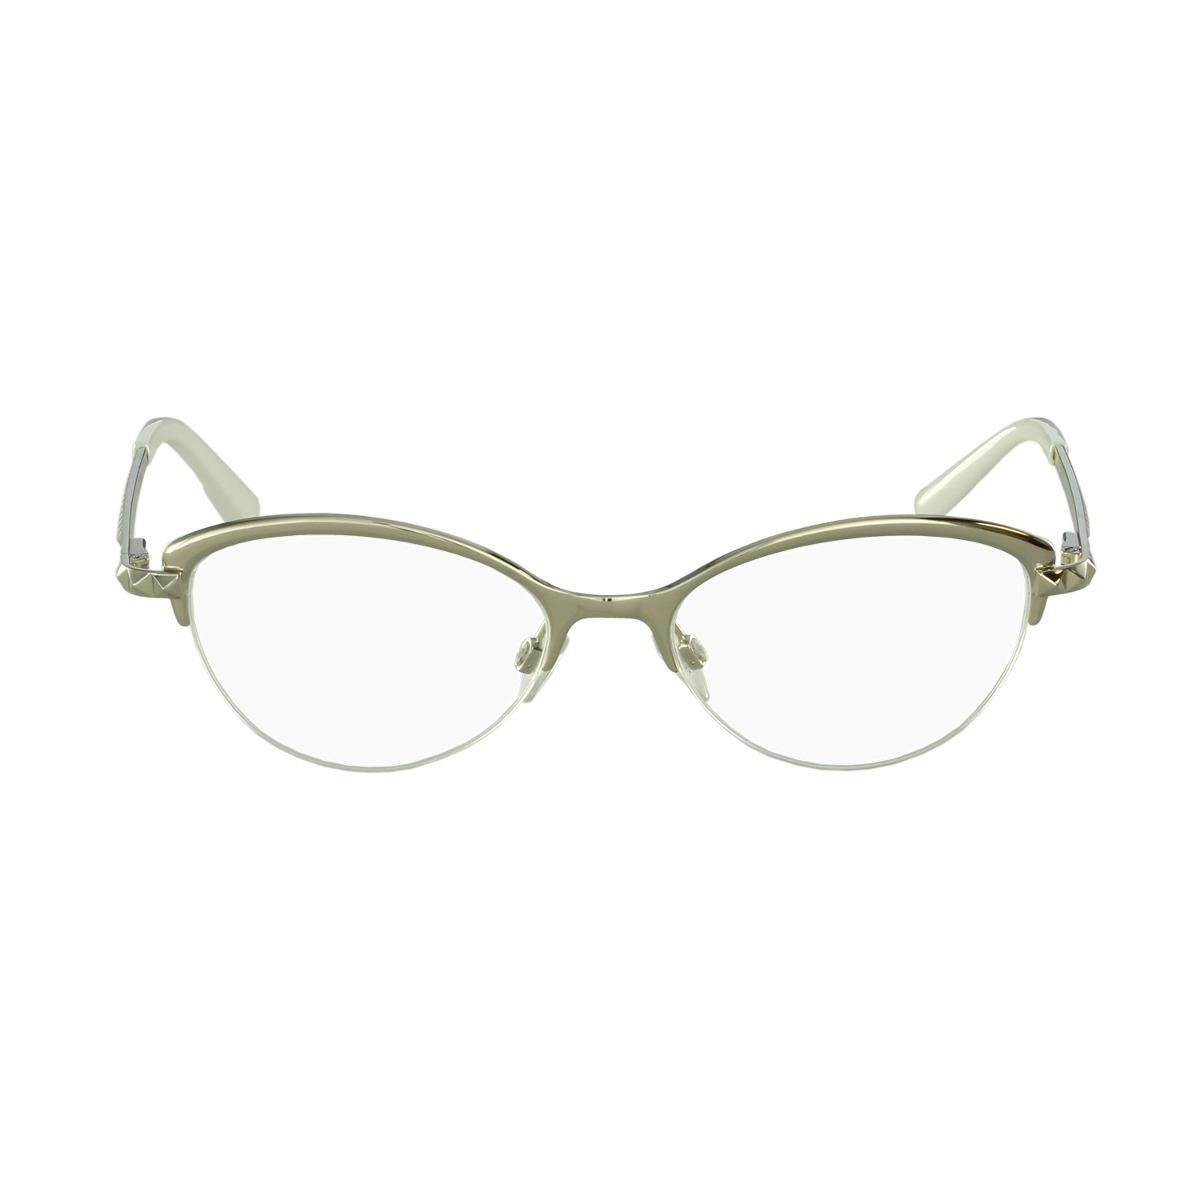 Óculos De Grau Just Cavalli Casual Prata - R  279,00 em Mercado Livre 92ab0af672